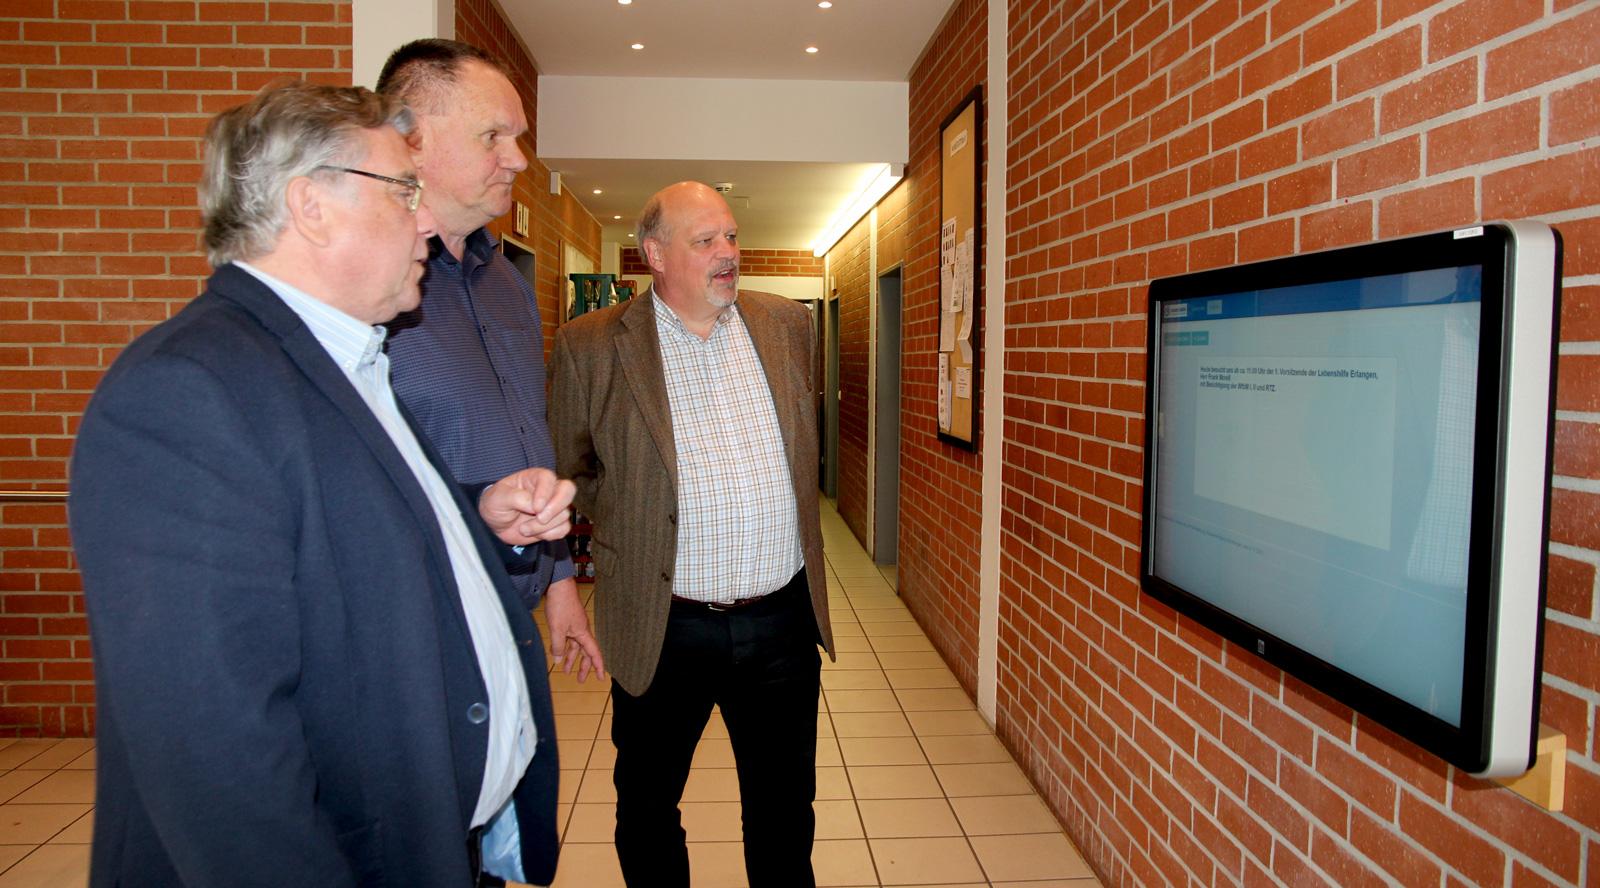 Morell zeigte sich beeindruckt von den Angeboten für die Belegschaft, wie die Touchscreens (Szene).